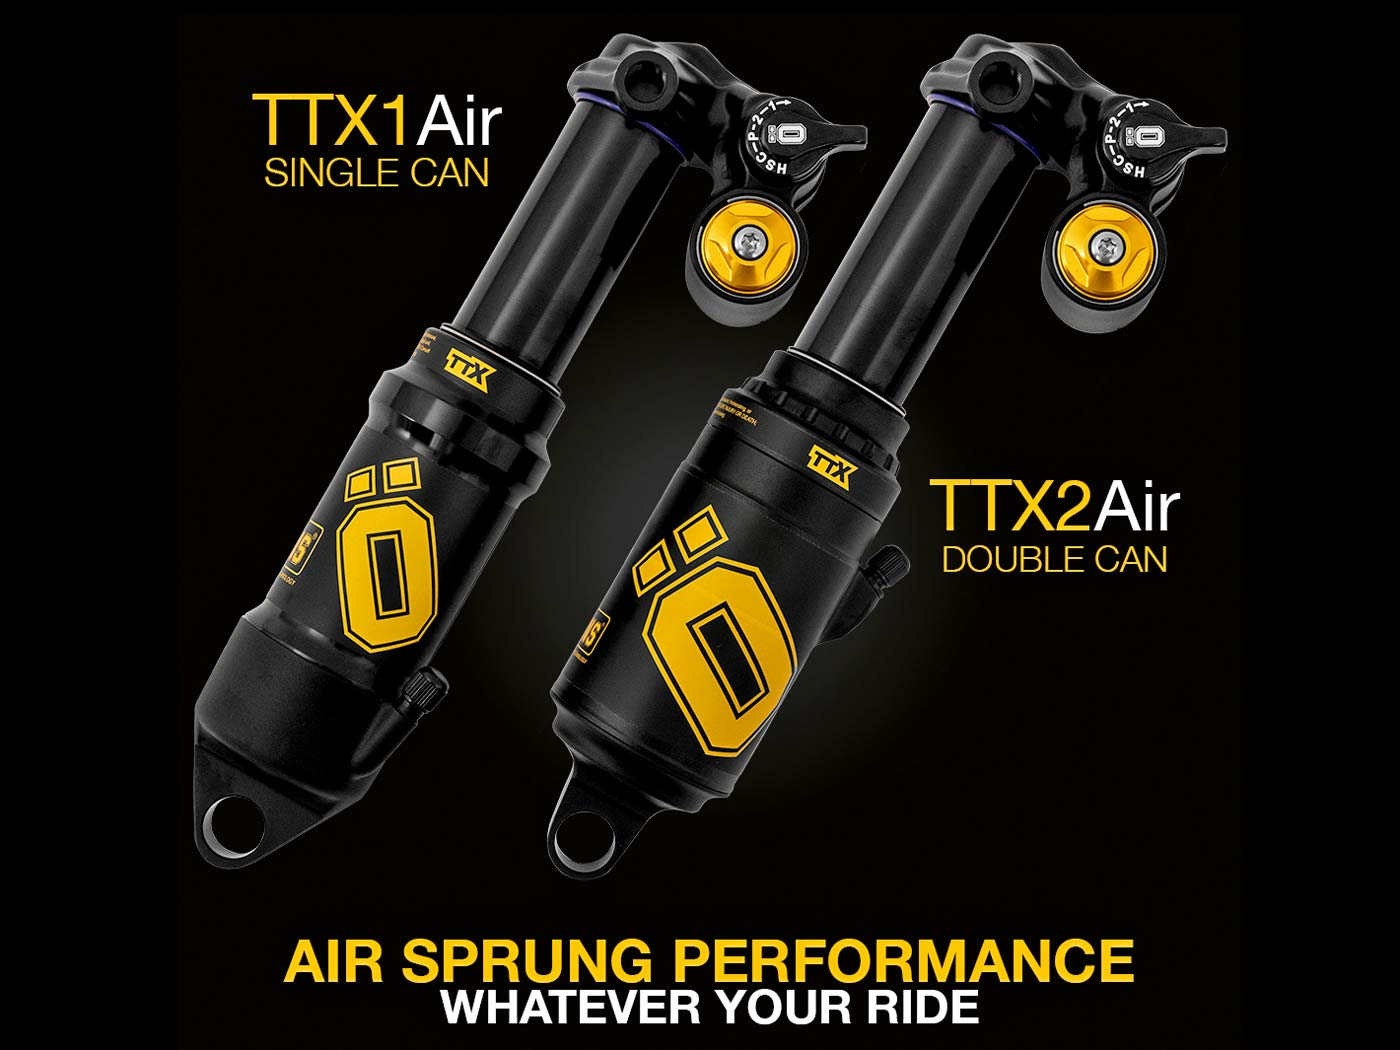 Ohlins TTX Air shocks, tunable single-air TTX1Air or dual-air TTX2Air trail enduro eMTB all-mountain bike rear suspension,comparison